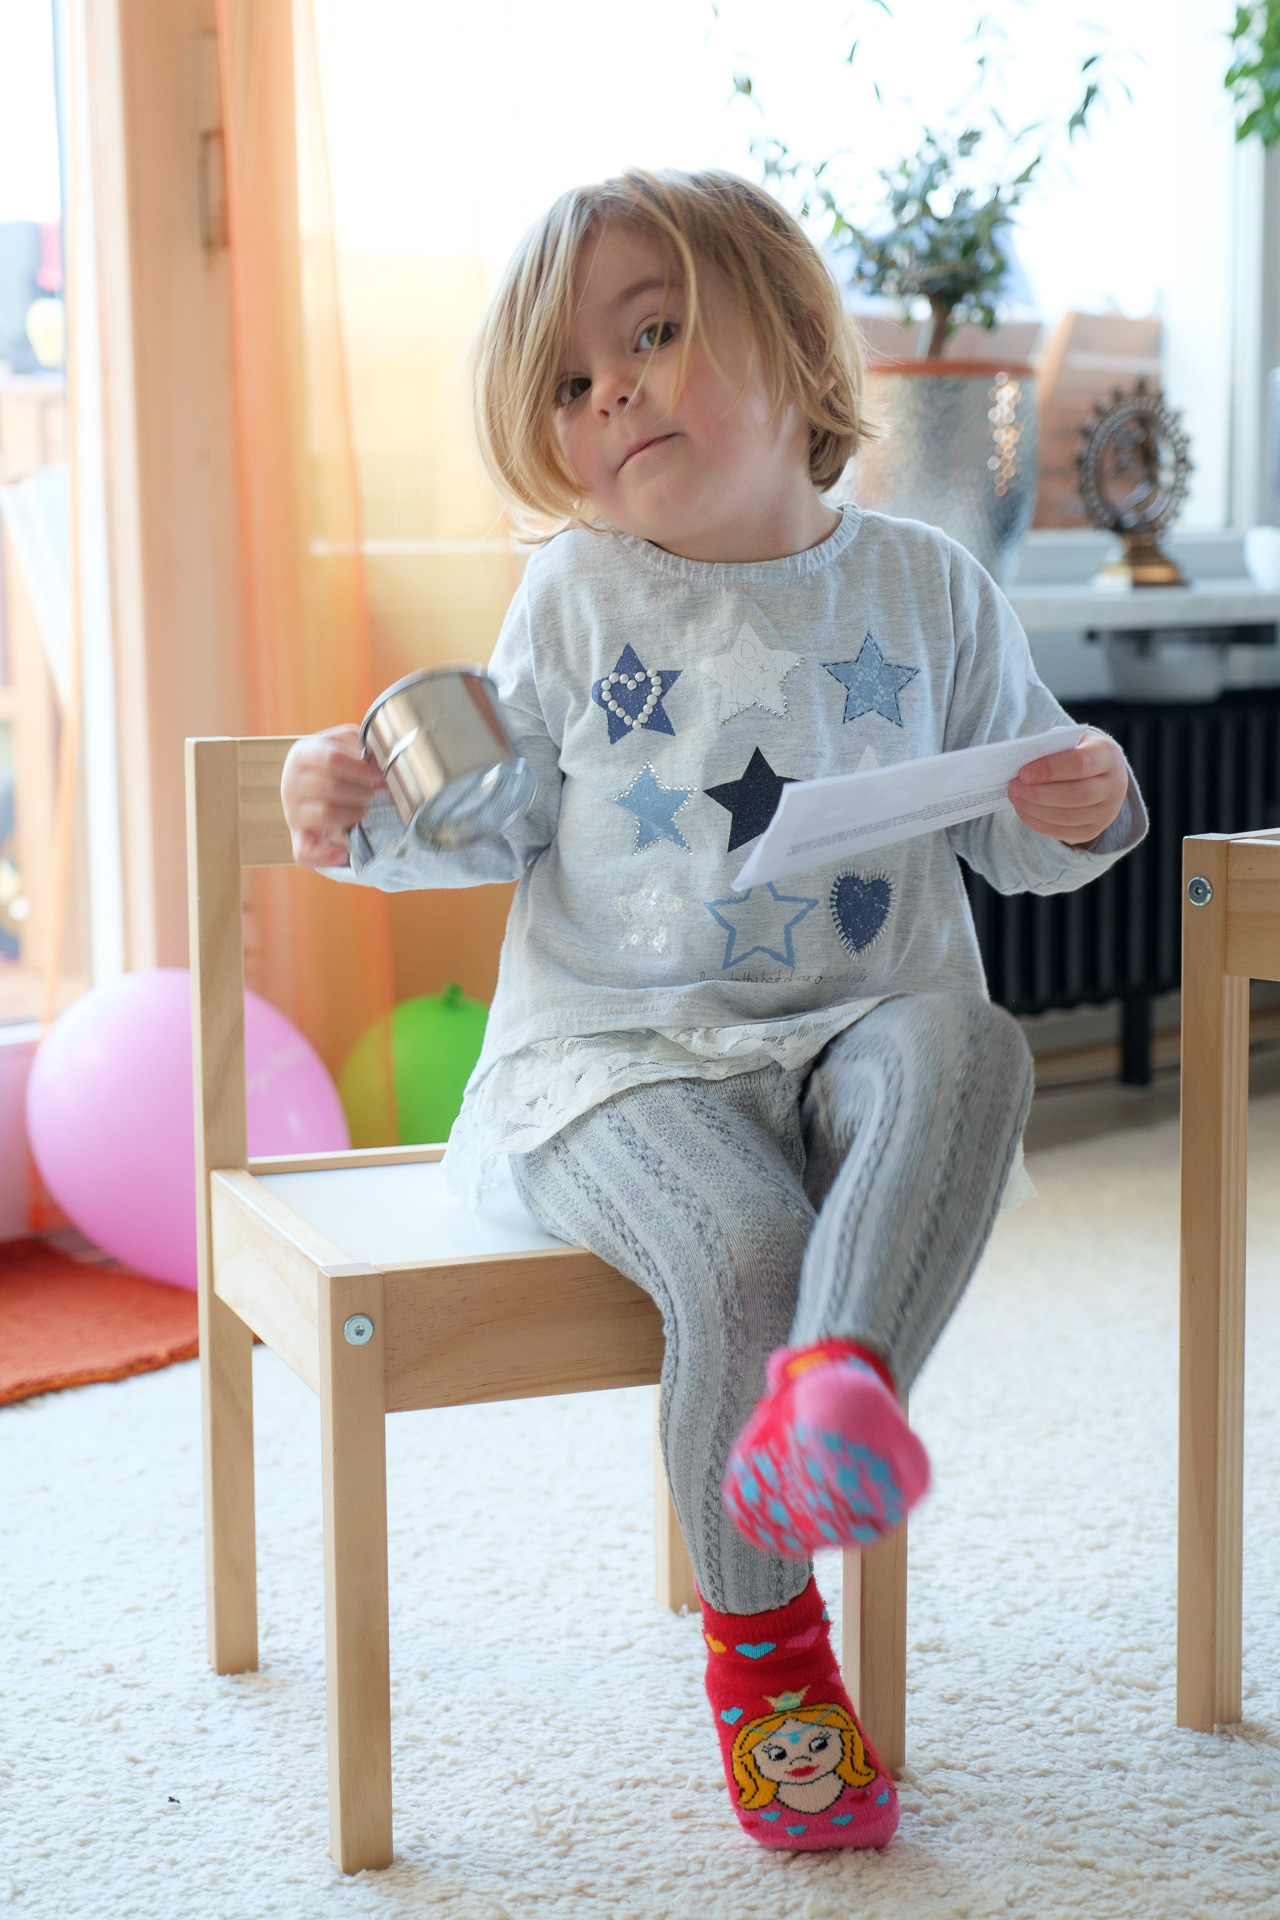 Kind auf Stuhl von Fotograf Liebglück